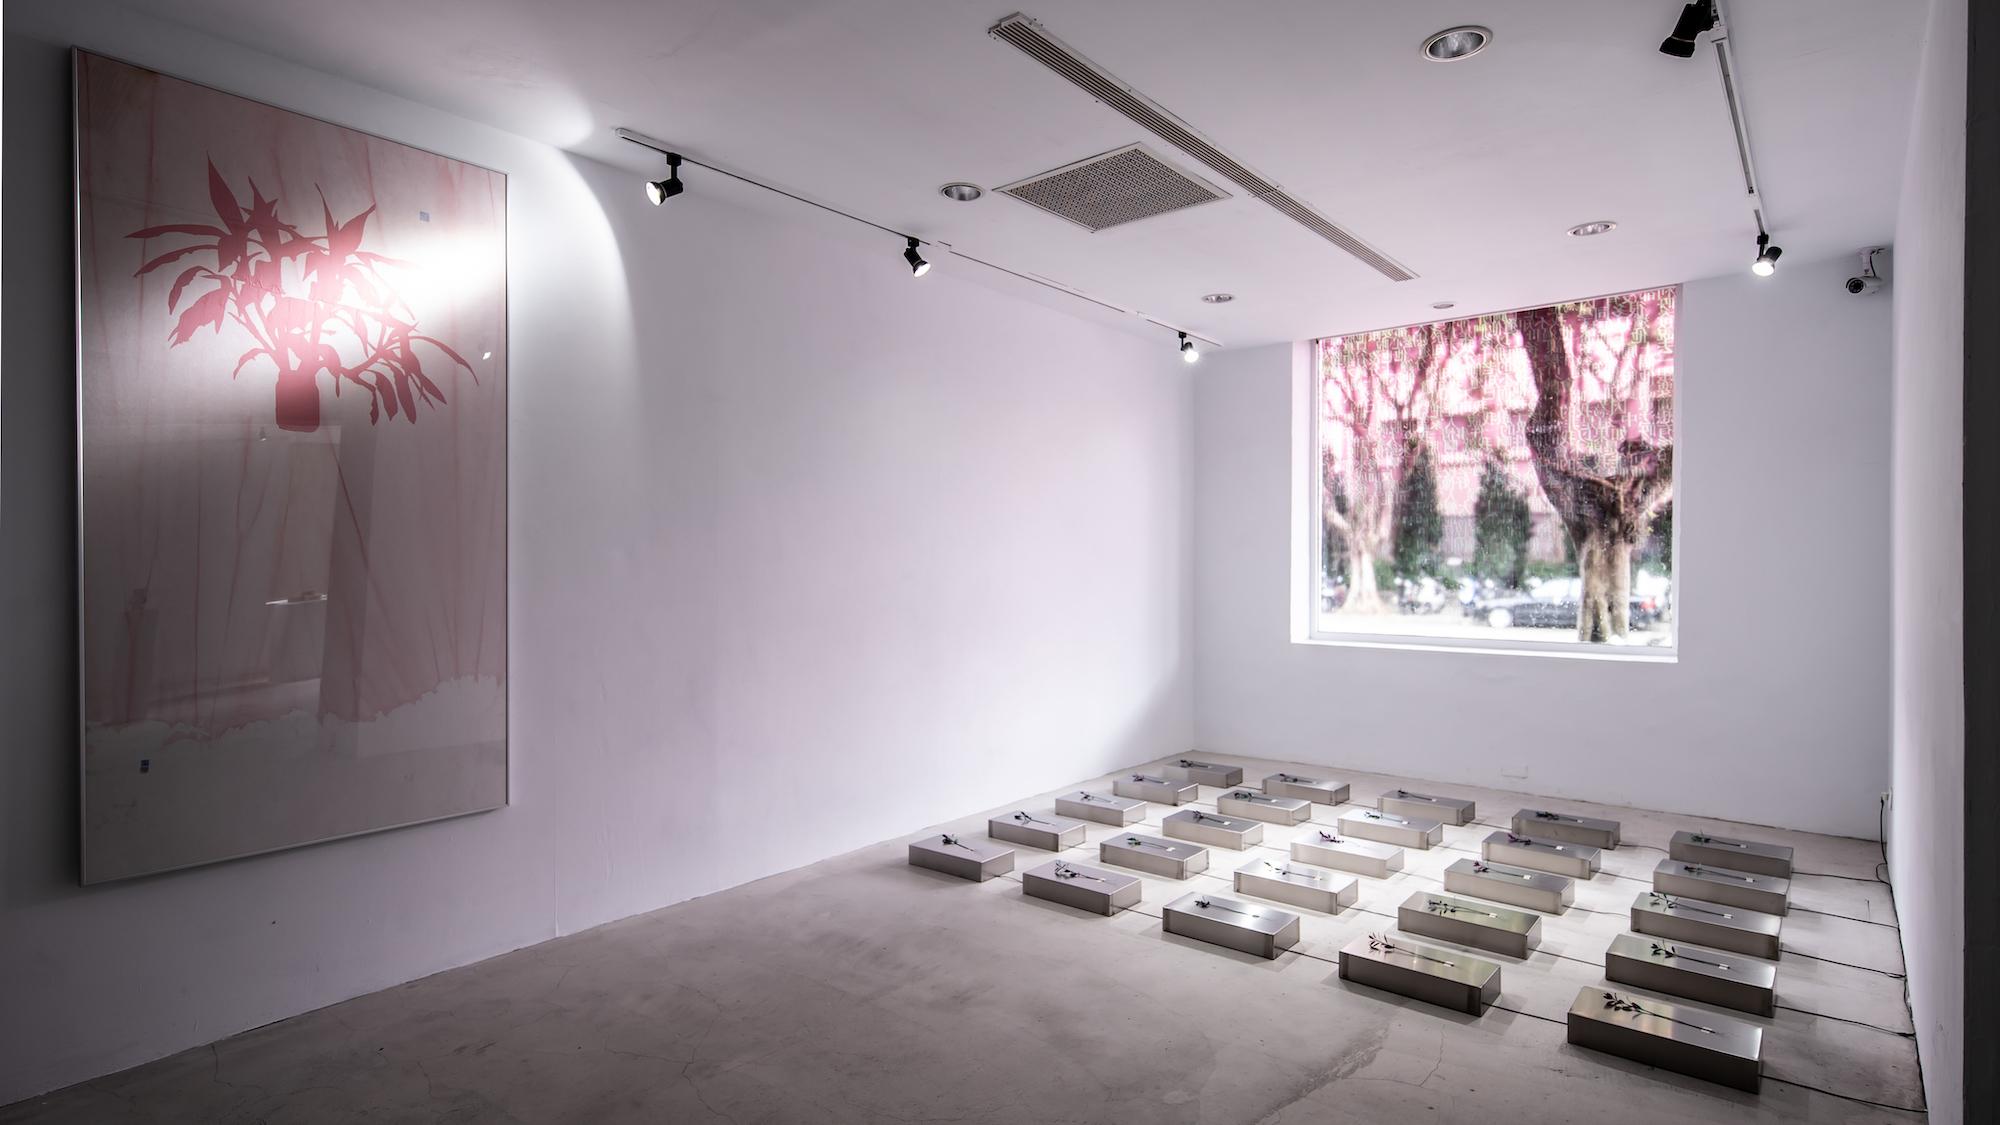 台北國際藝術村 2020 按了一次的暫停鍵